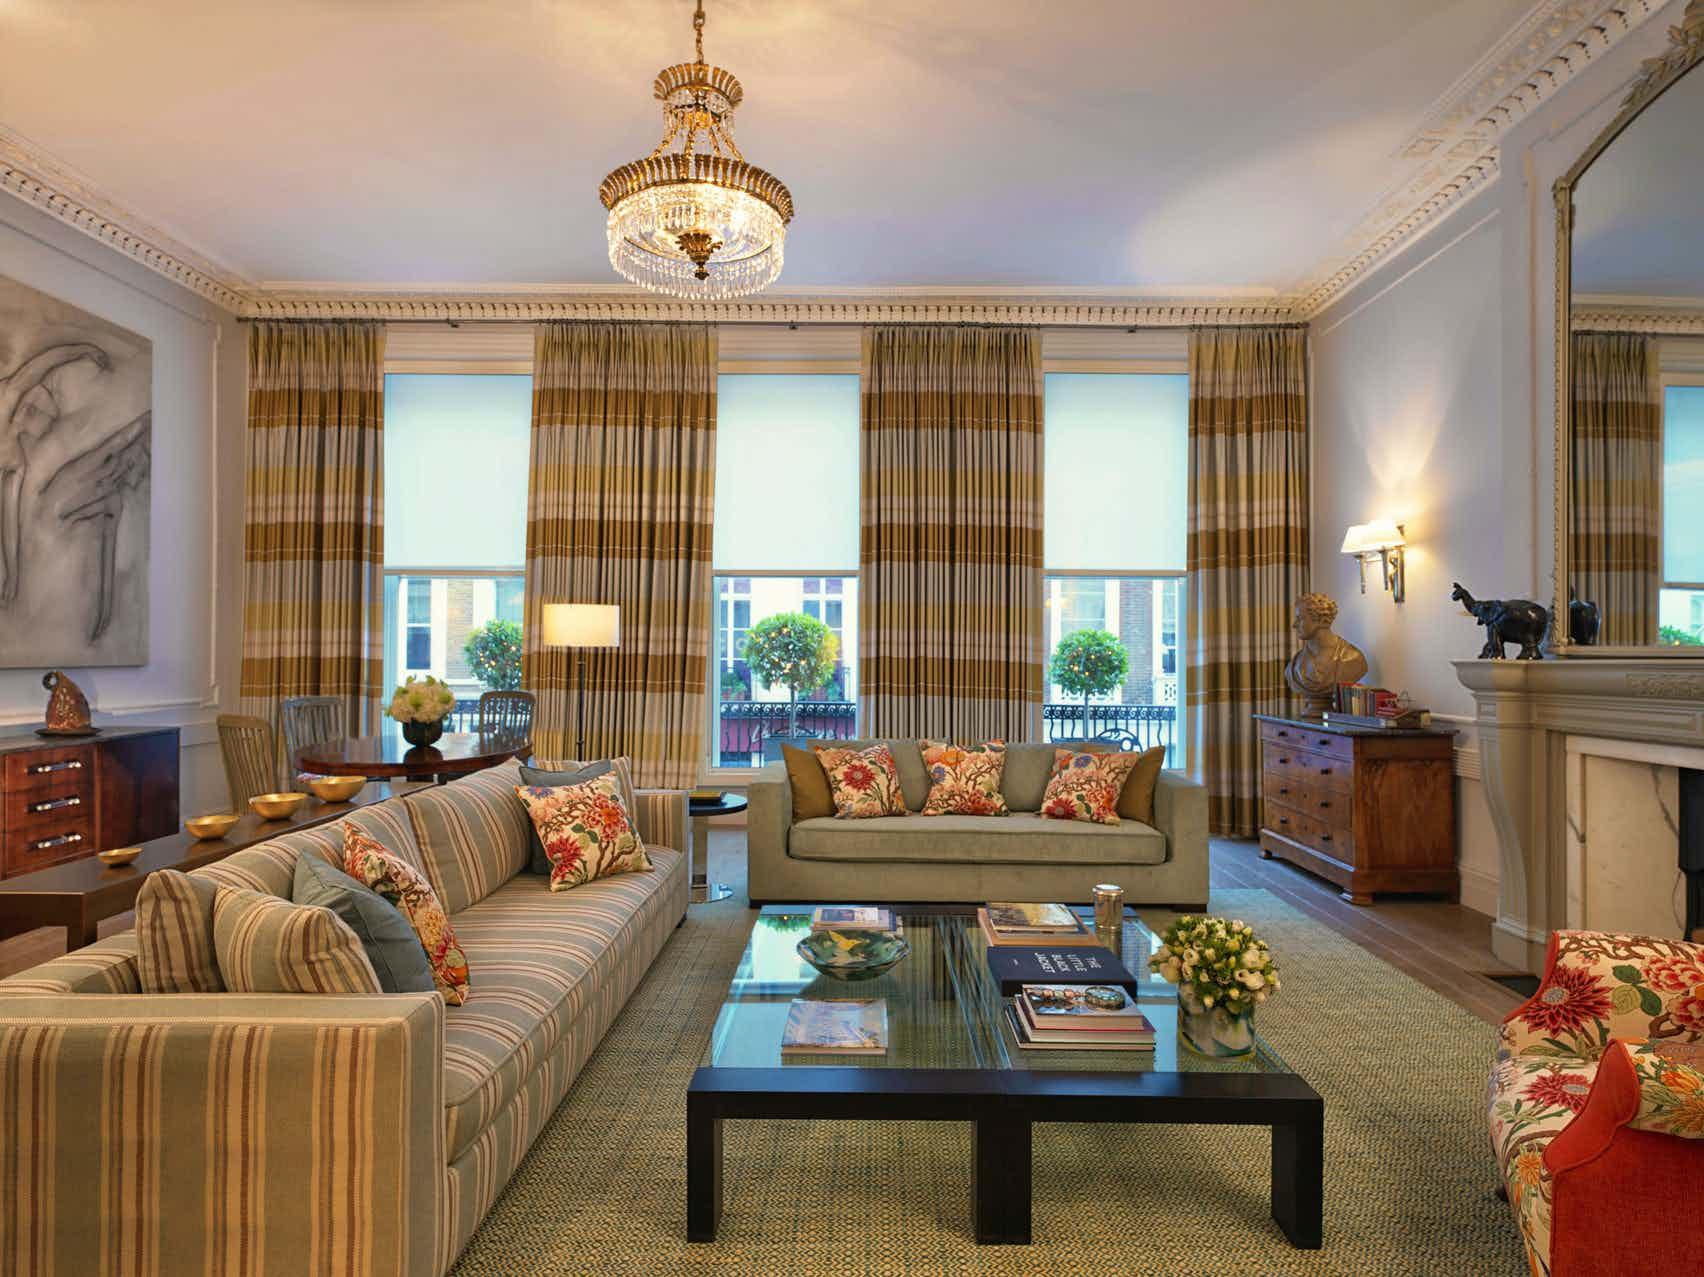 Kipling Suite, Brown's Hotel Mayfair